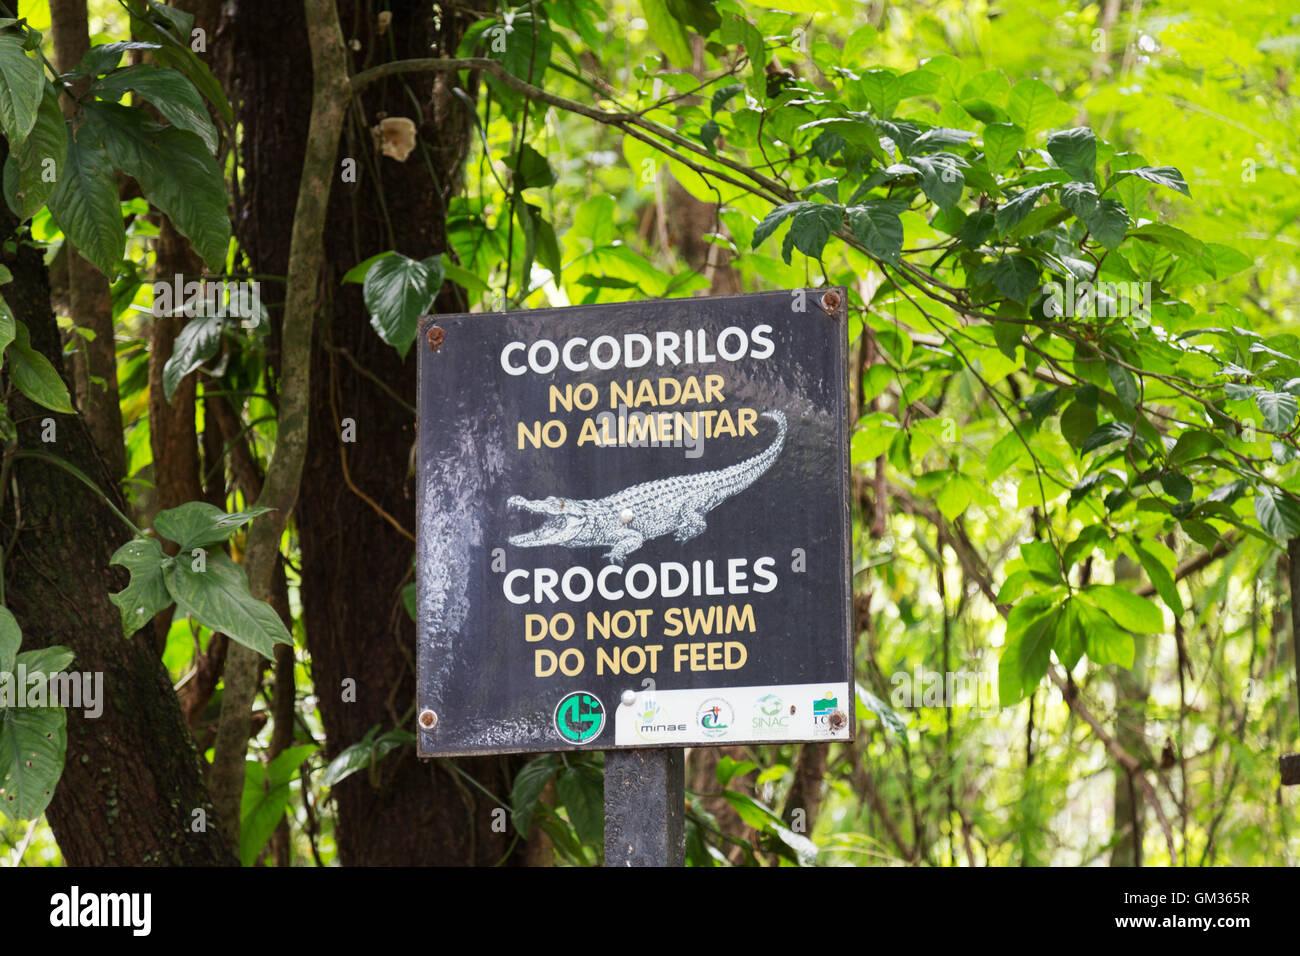 Beware of crocodiles danger sign, Costa Rica, Central America - Stock Image